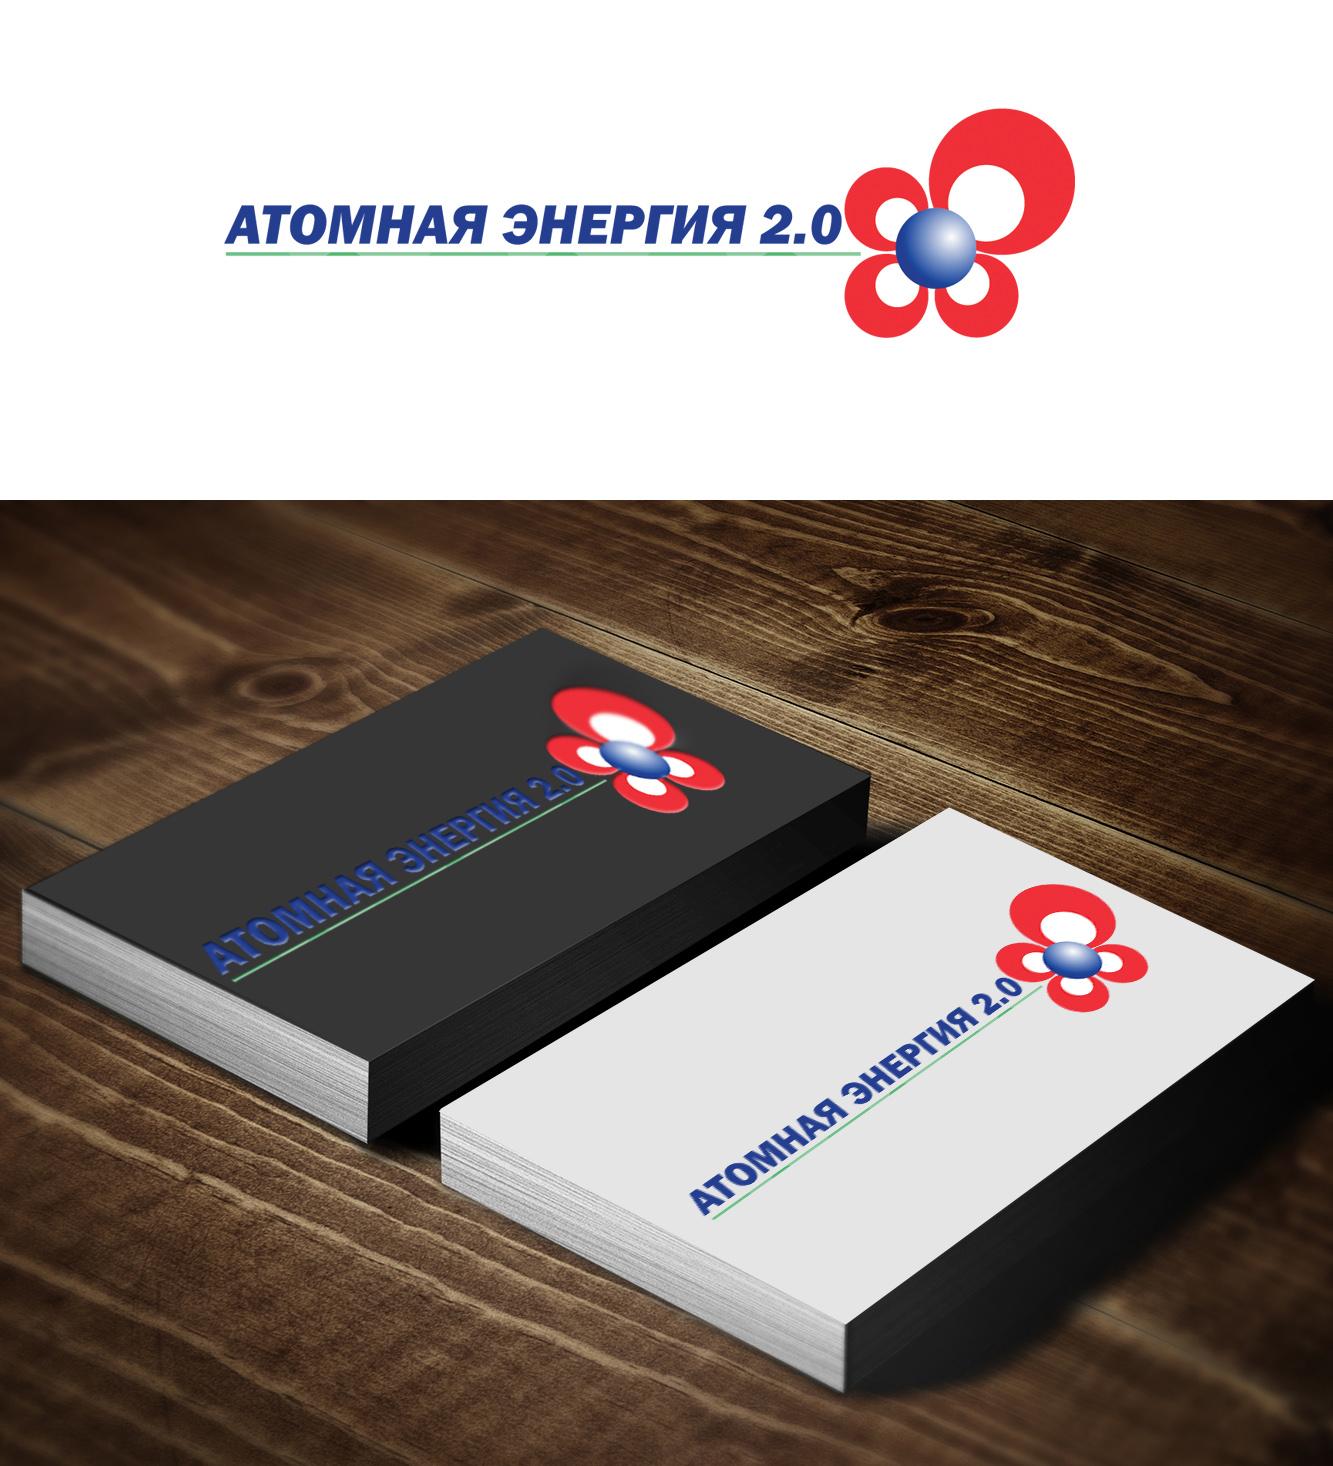 """Фирменный стиль для научного портала """"Атомная энергия 2.0"""" фото f_42059e529fcbafe9.jpg"""